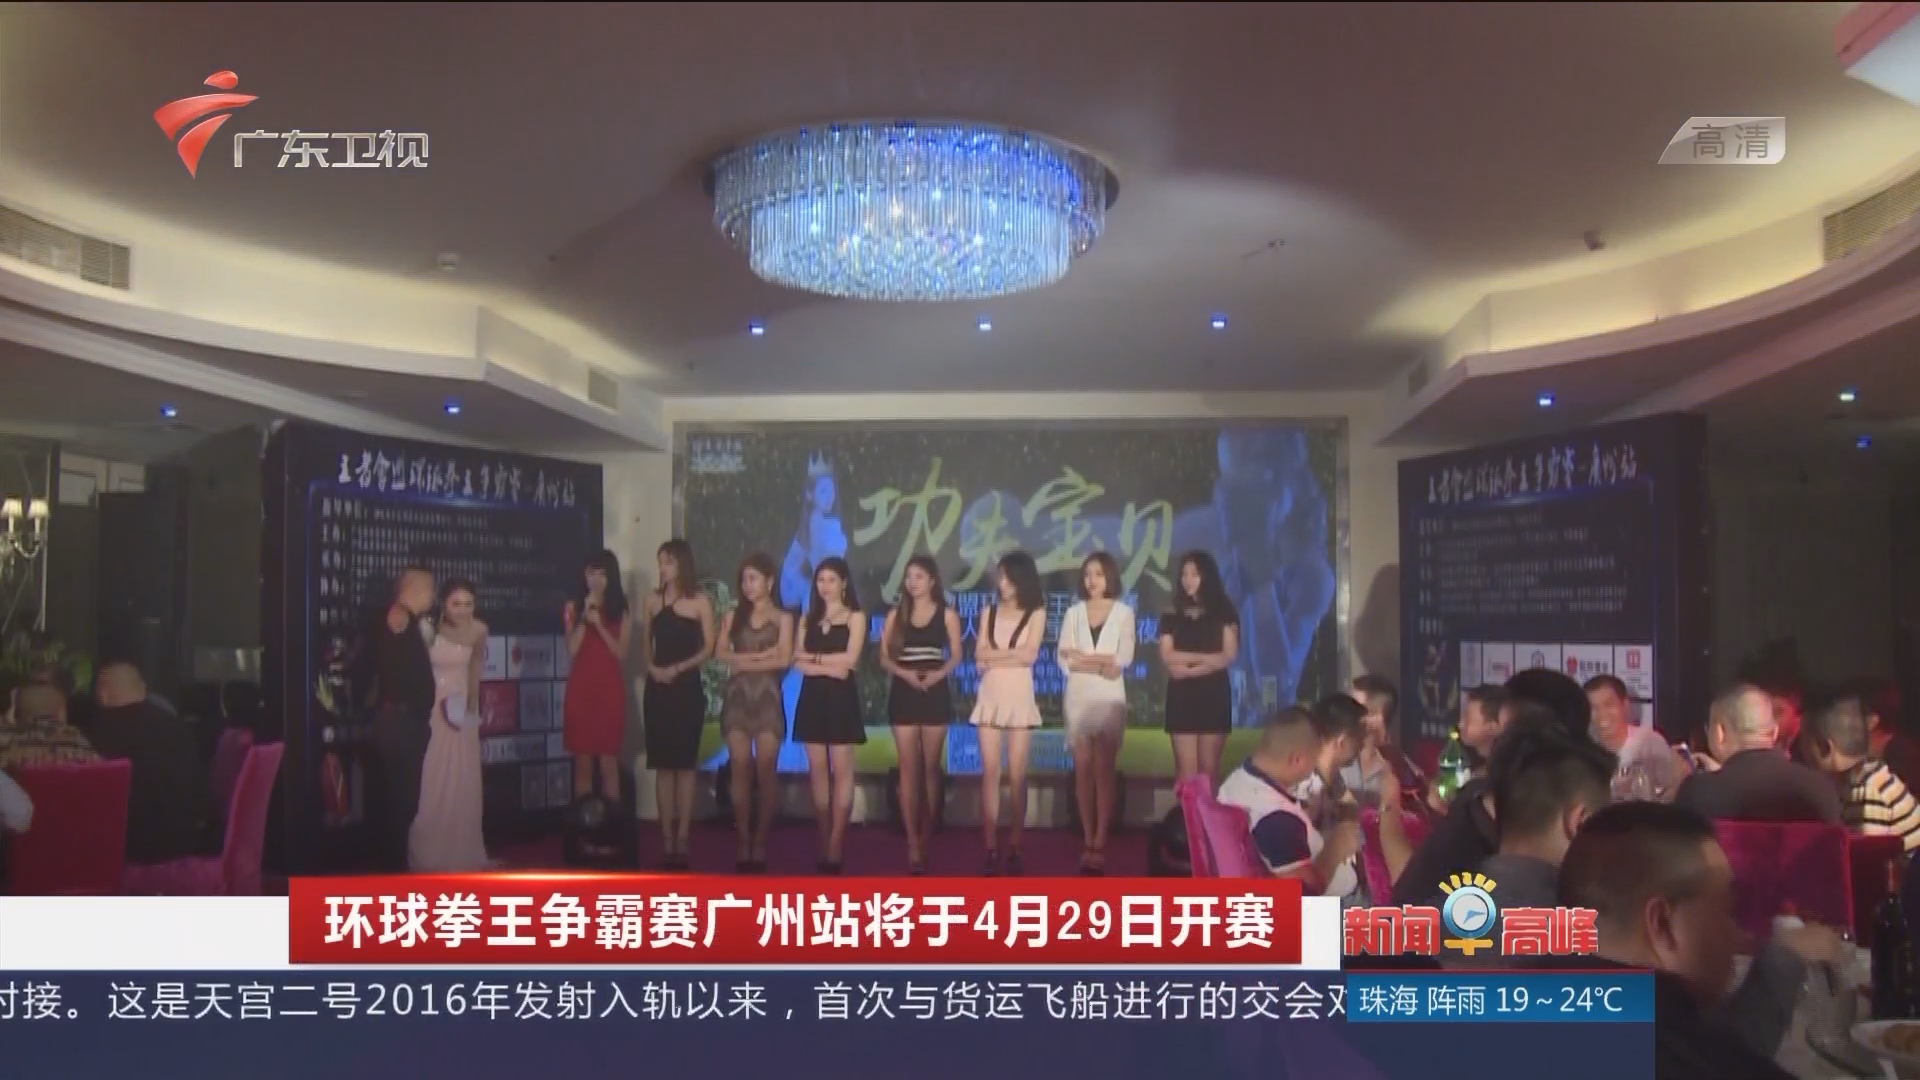 环球拳王争霸赛广州站将于4月29日开赛